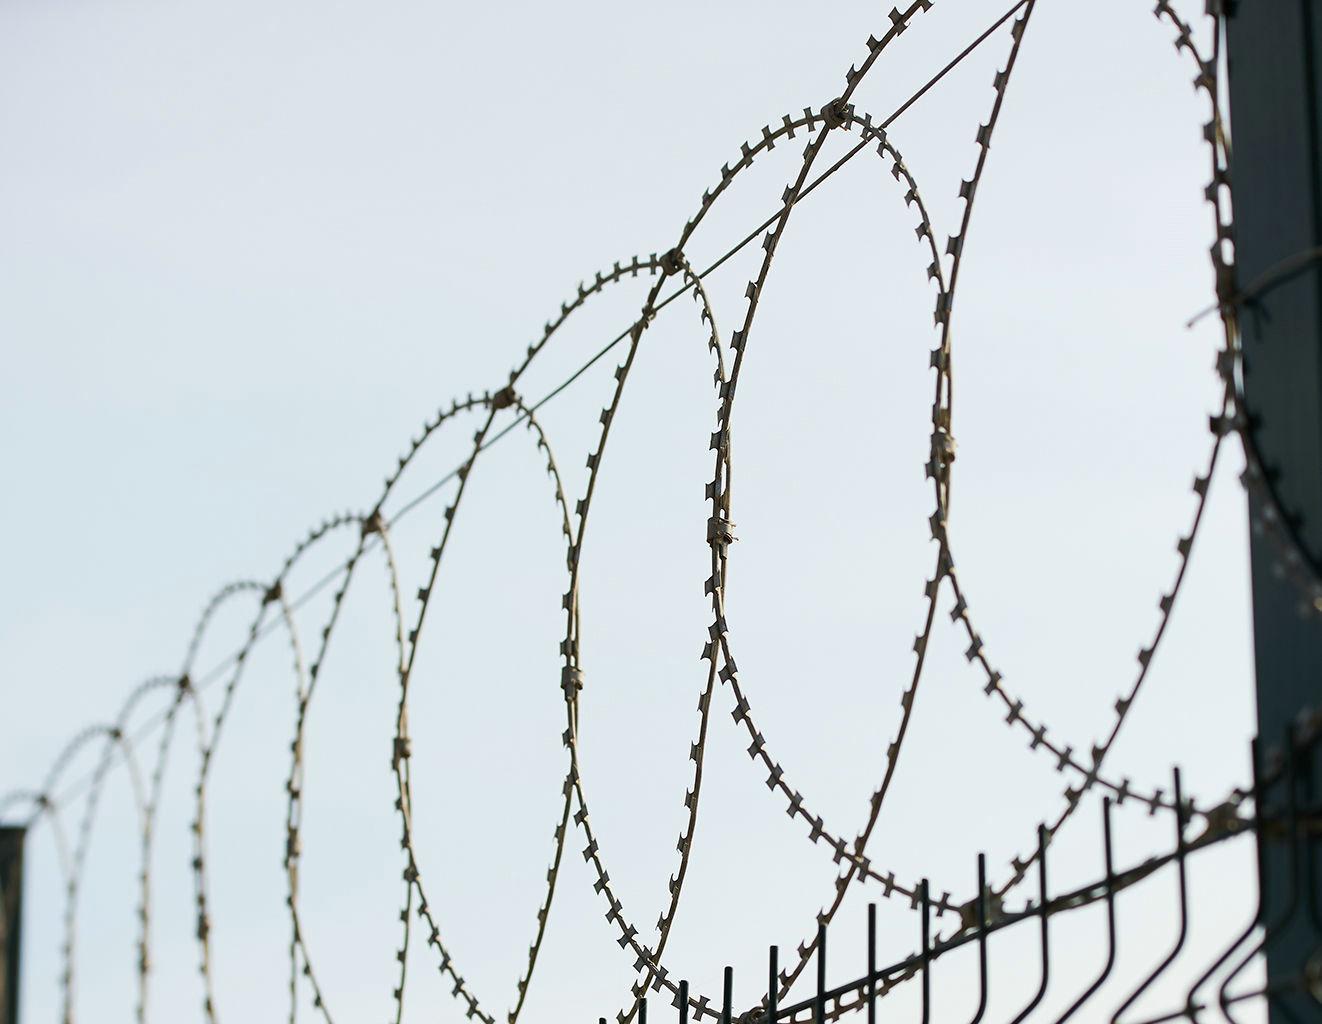 Flat wrap razor barbed wire concertina razor barbed wire